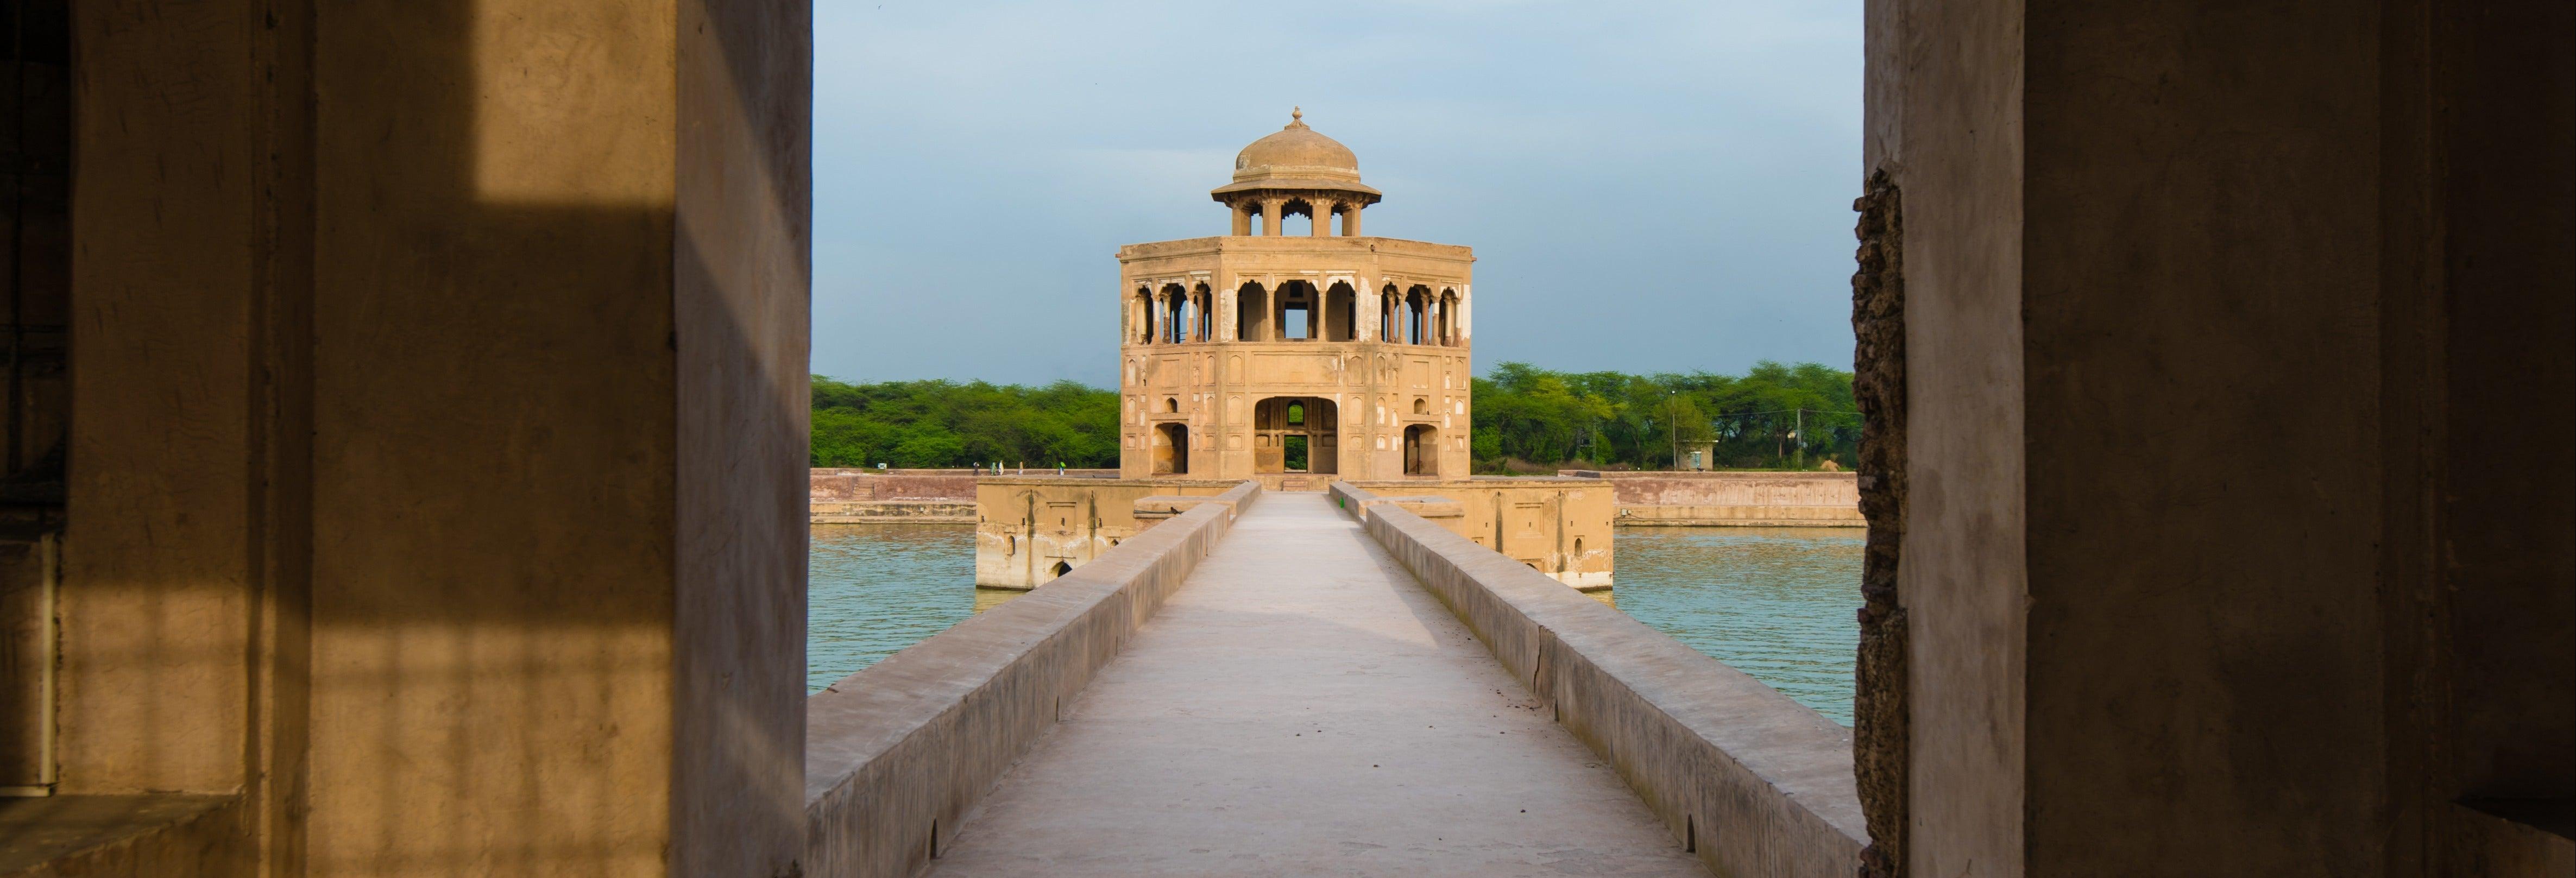 Tour privado de 3 días por Lahore